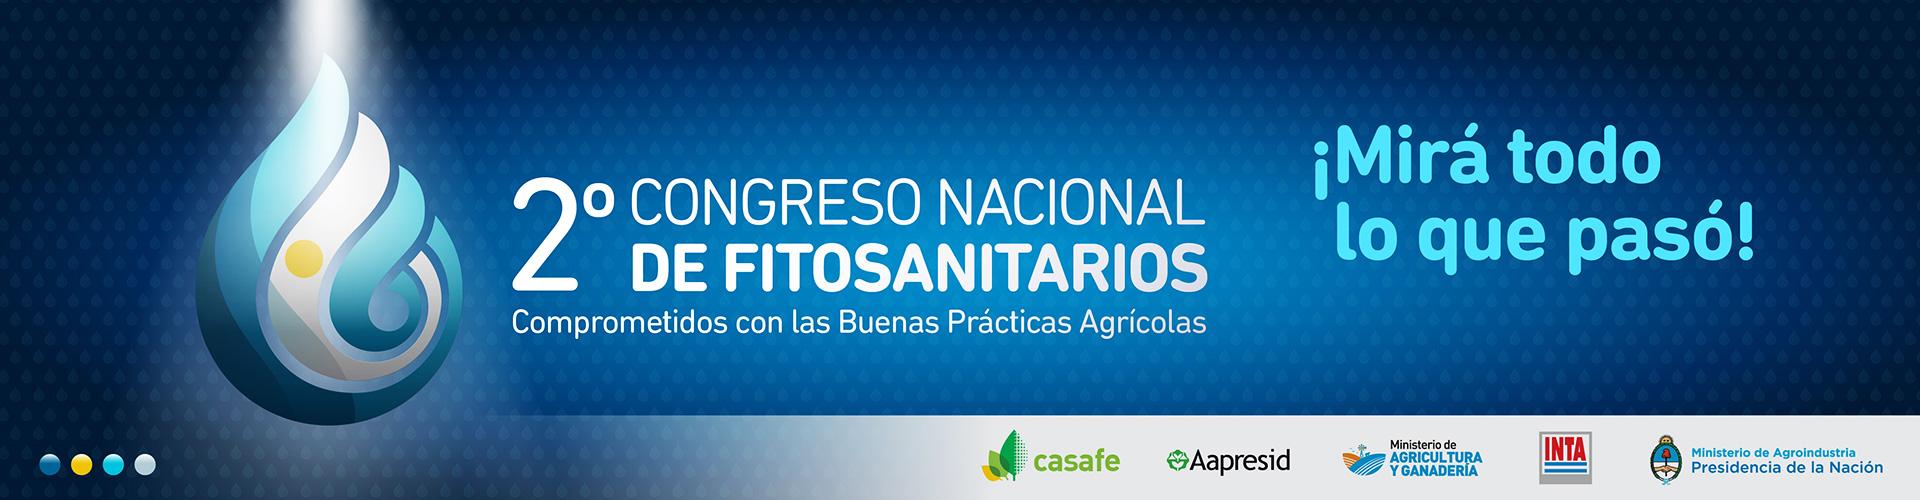 segundo congreso nacional de fitosanitarios